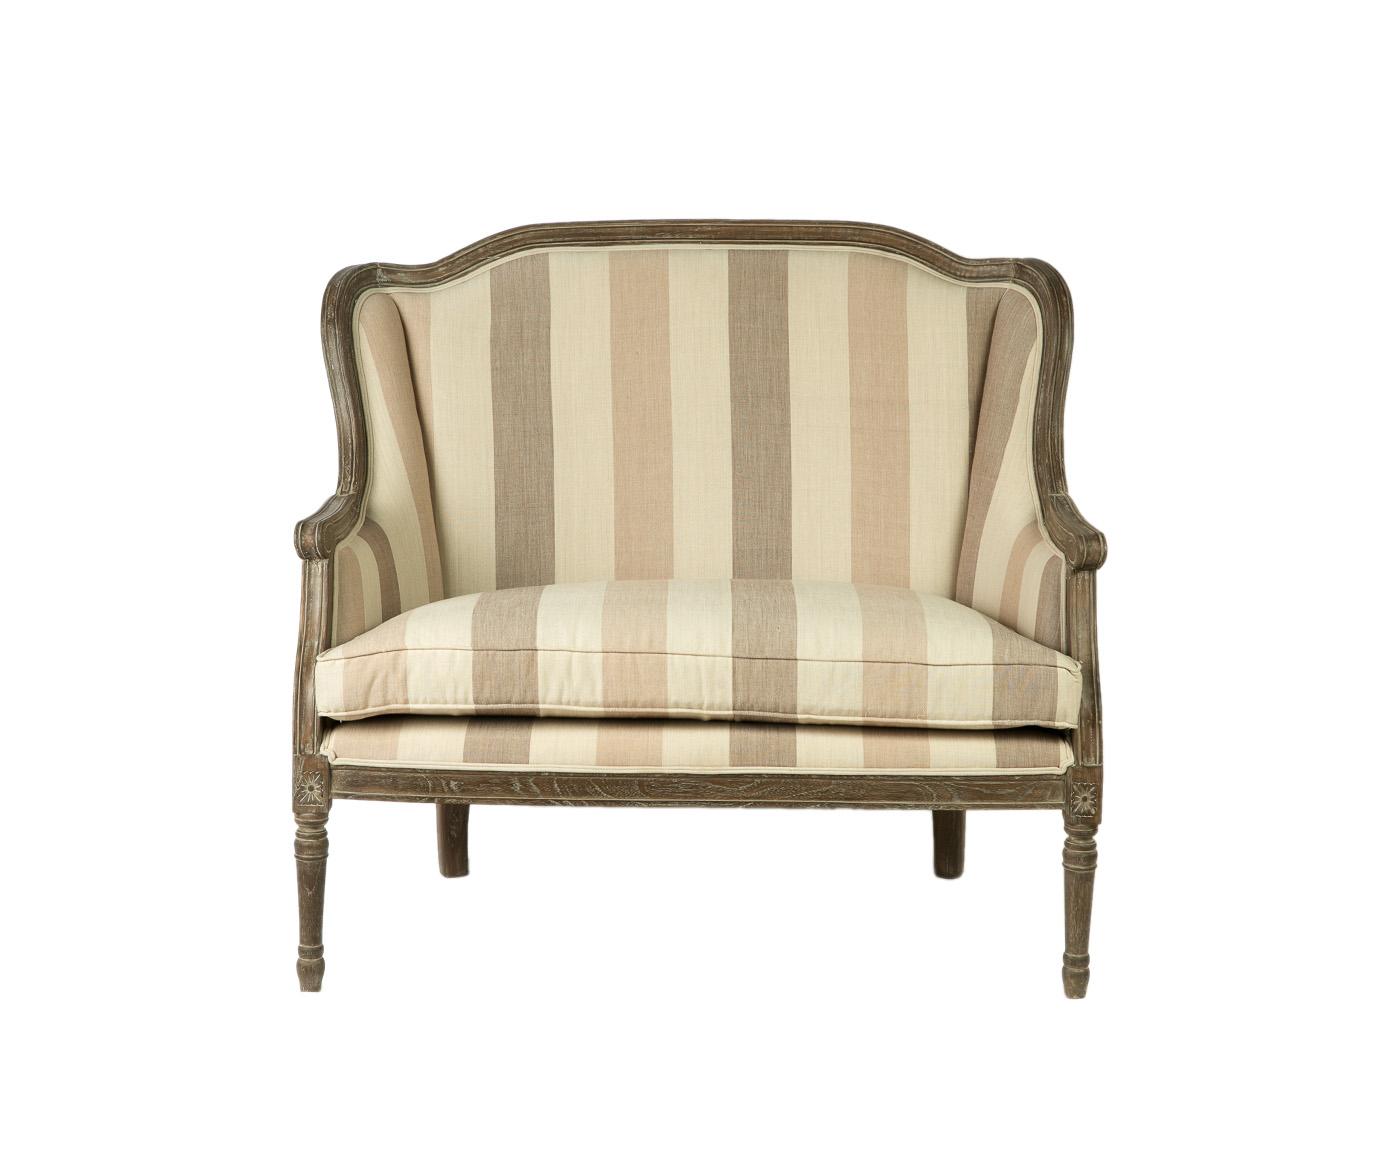 ДиванеткаДиванетки, софы и кушетки<br>&amp;lt;div&amp;gt;Эта диванетка &amp;amp;nbsp;? &amp;amp;nbsp;золотая середина между креслом и диваном. Она подойдет для романтичного интерьера в духе французской провинции. Хороша будет и в строгой классической обстановке, которую нужно немного &amp;quot;смягчить&amp;quot;. Украшения спинки и подлокотников, а также основание и ножки изготовлены из дорогого красного дерева. Обивка в широкую поперечную &amp;amp;nbsp;полоску сшита из натуральной хлопковой материи.&amp;lt;/div&amp;gt;<br><br>Material: Текстиль<br>Length см: 106<br>Width см: 66<br>Depth см: None<br>Height см: 97<br>Diameter см: None